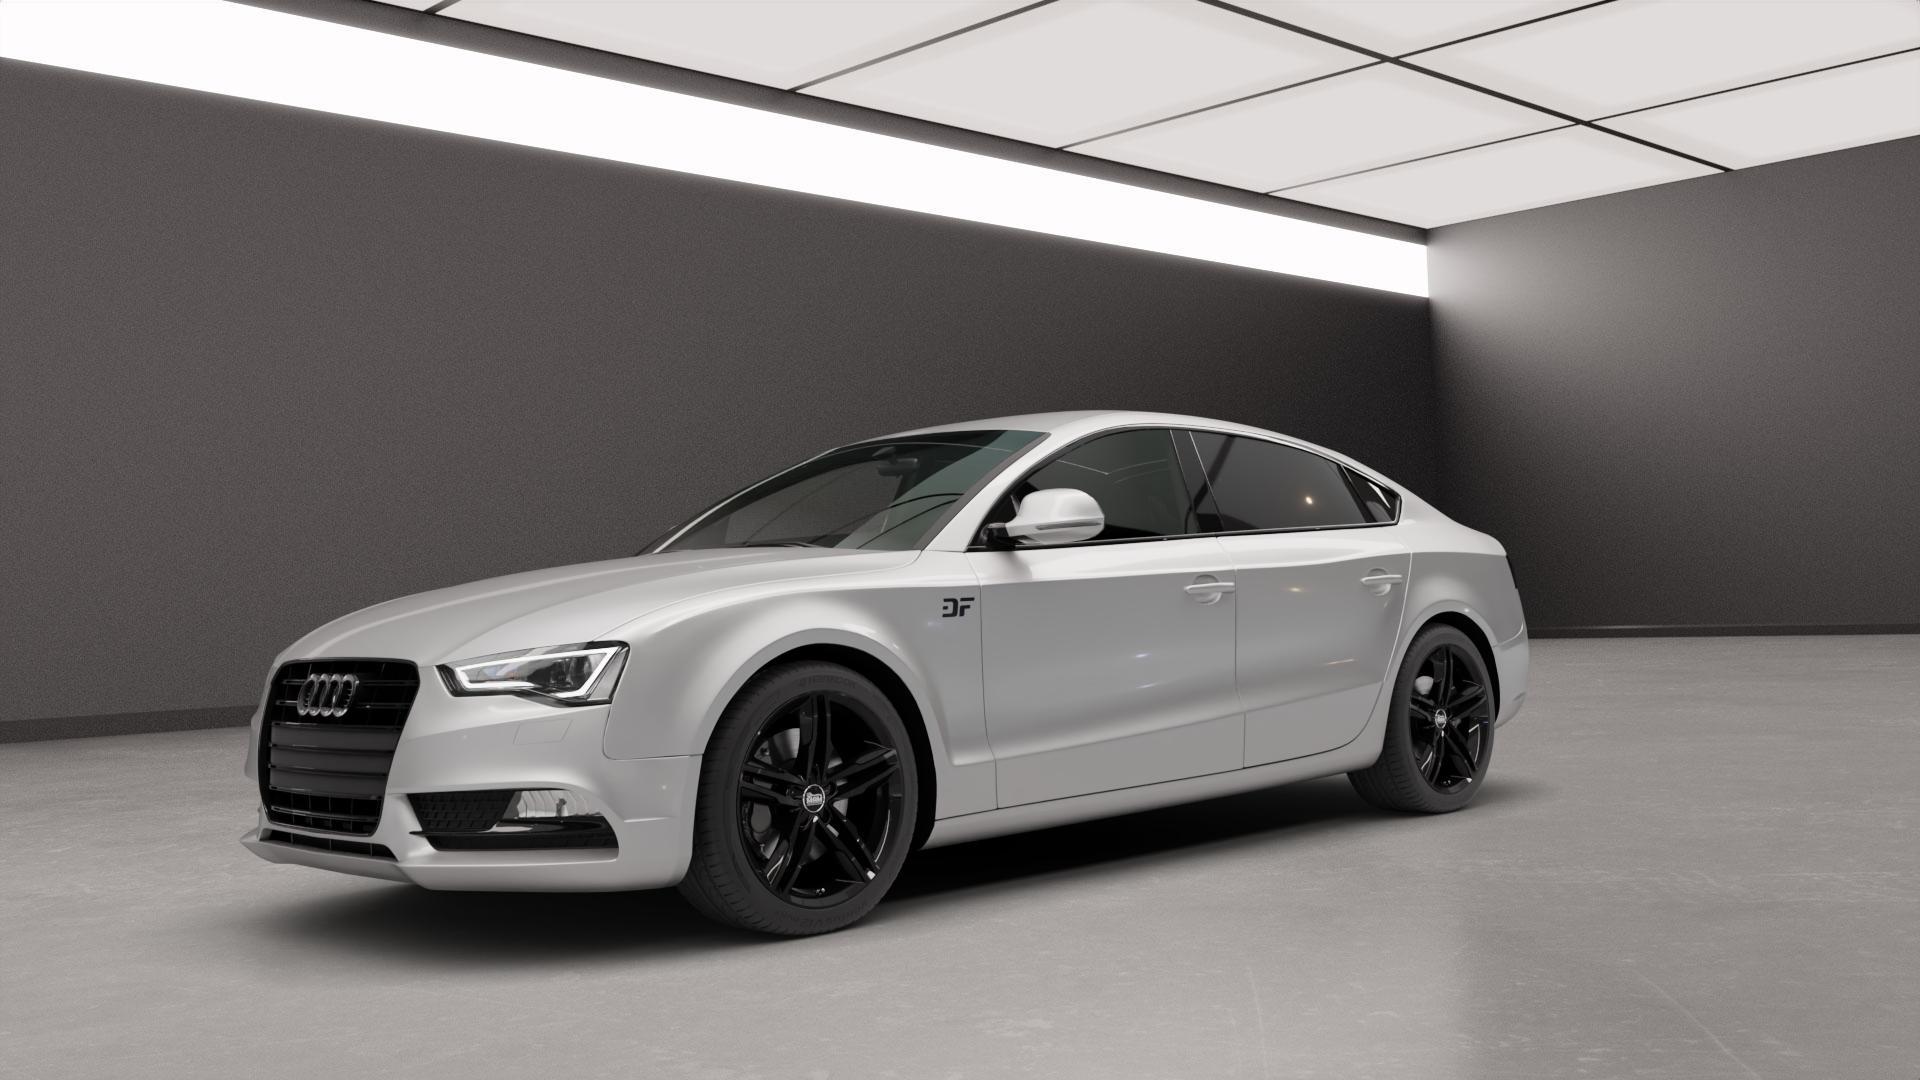 MAM A1 BLACK PAINTED Felge mit Reifen schwarz in 18Zoll Winterfelge Alufelge auf silbernem Audi A5 Typ B8 (Sportback) Facelift ⬇️ mit 15mm Tieferlegung ⬇️ Neutral_mid_max5300mm Frontansicht_1